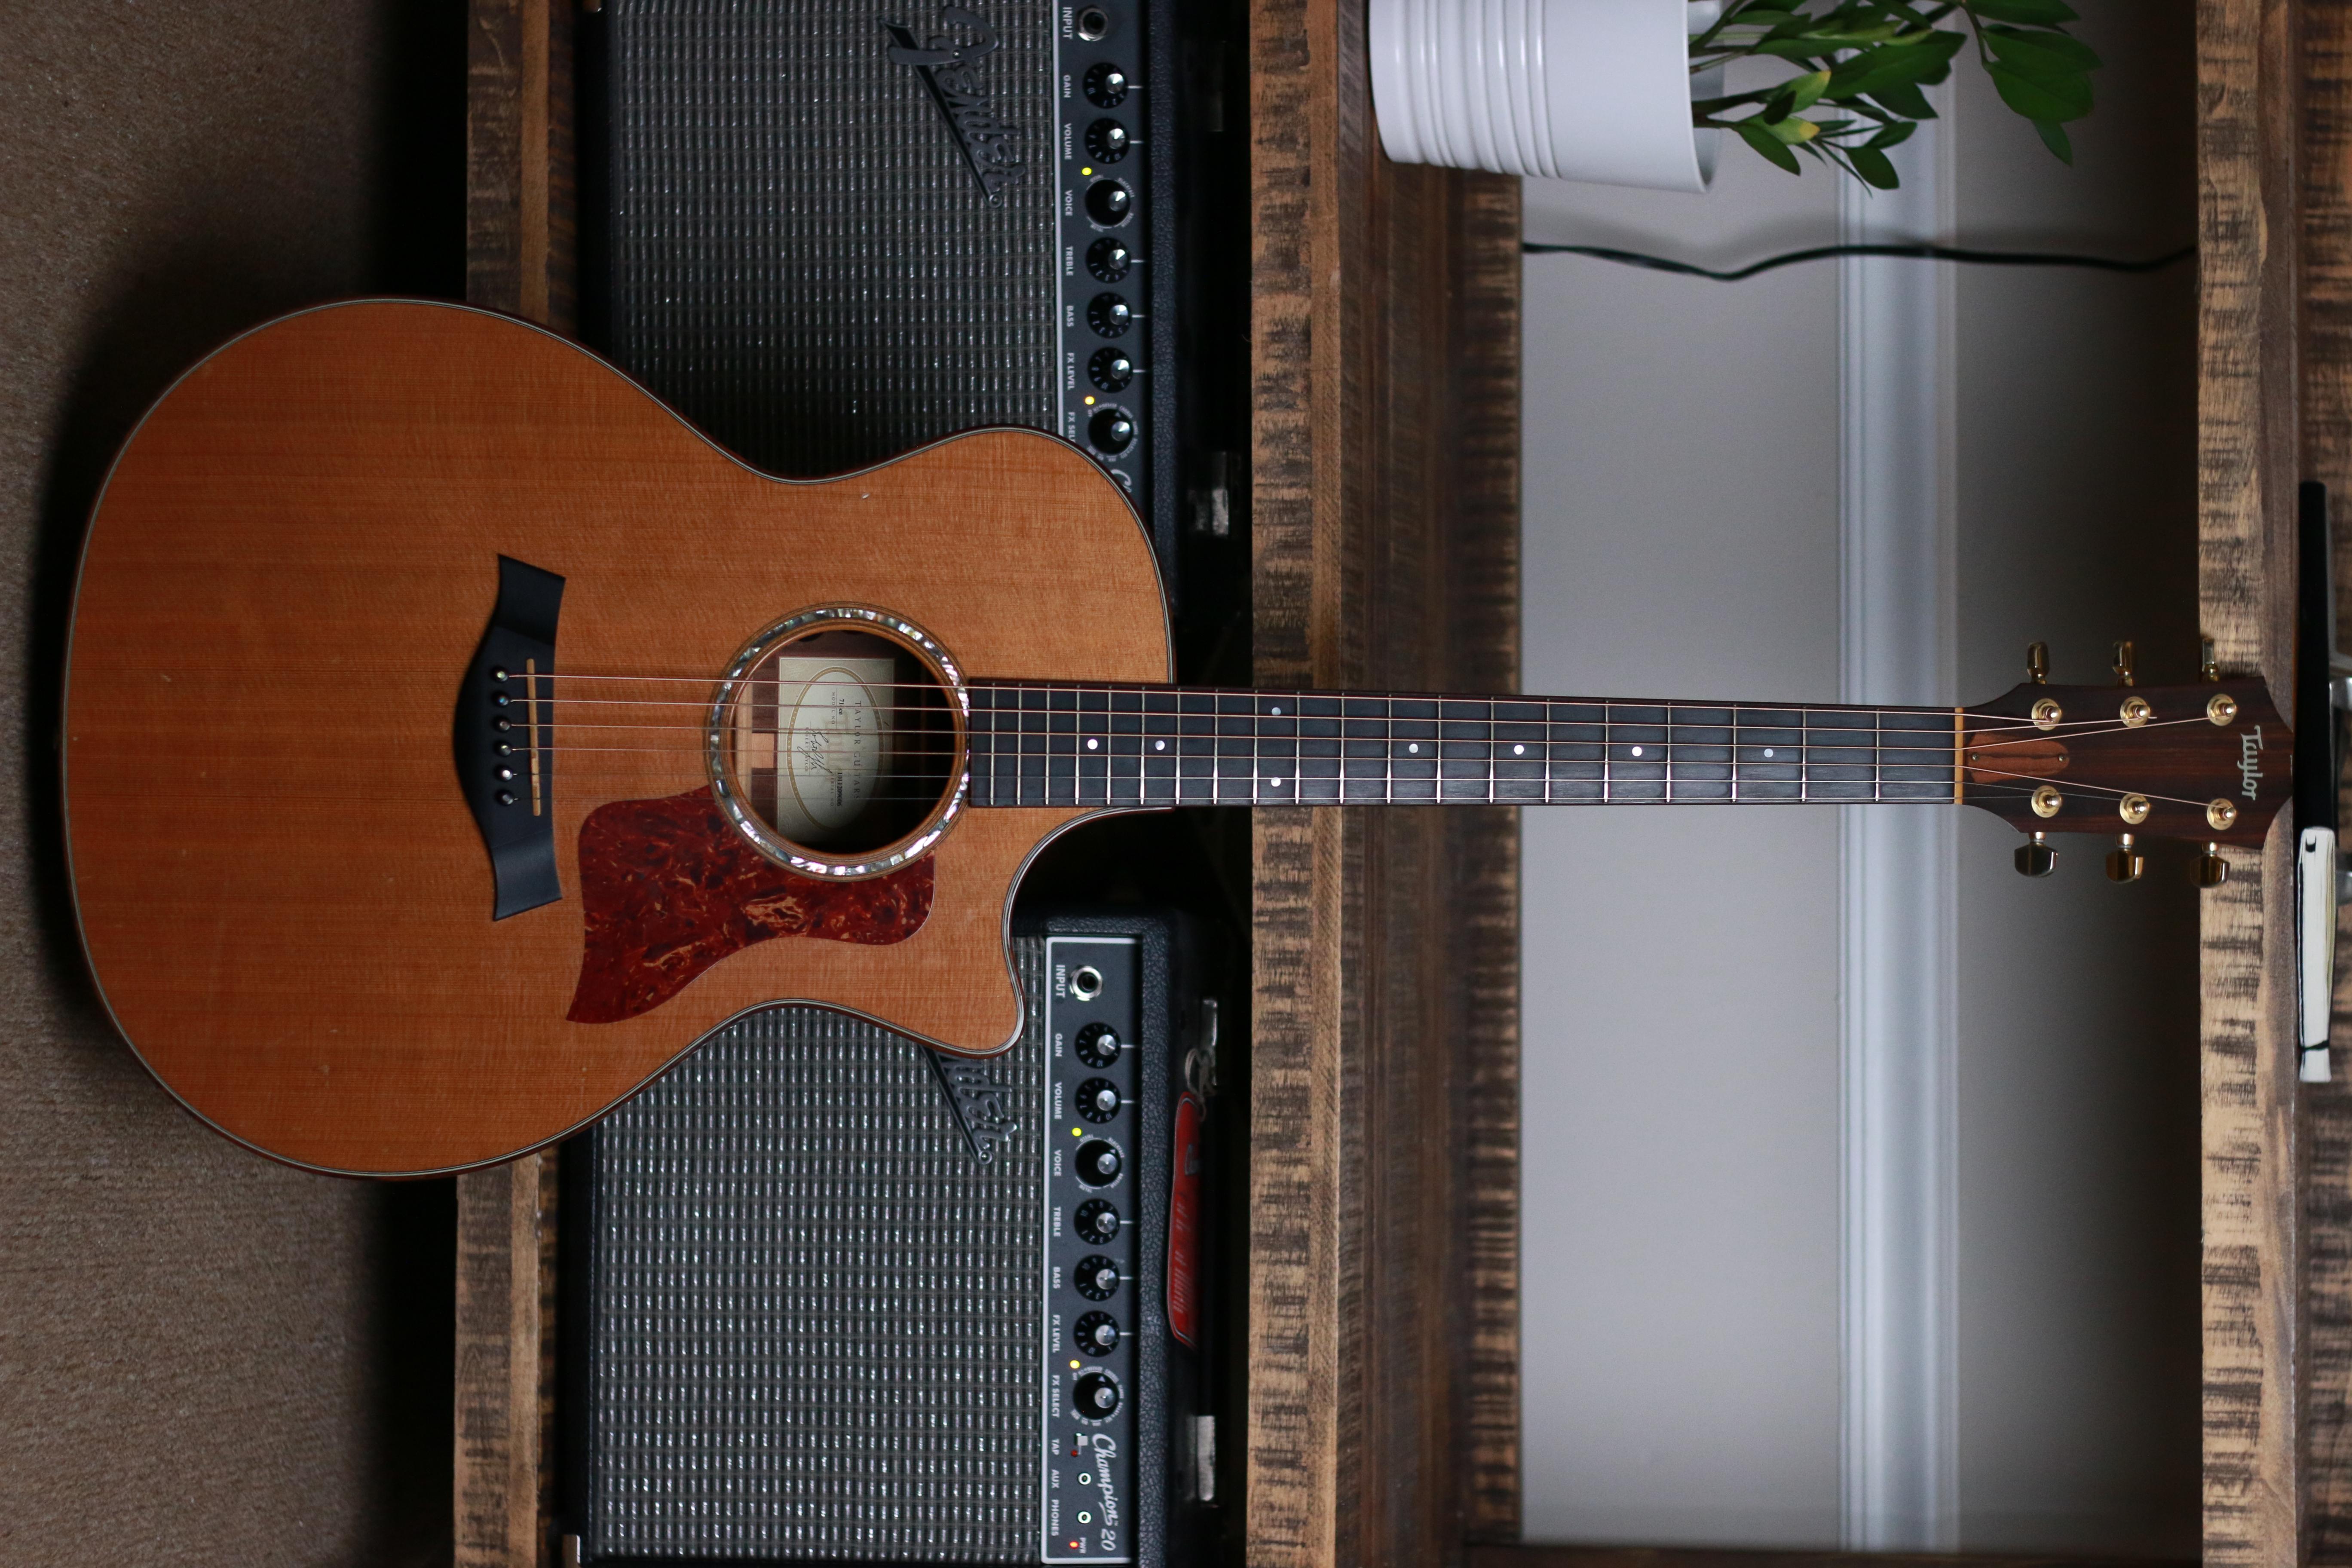 summit guitar school beginner guitar essentials